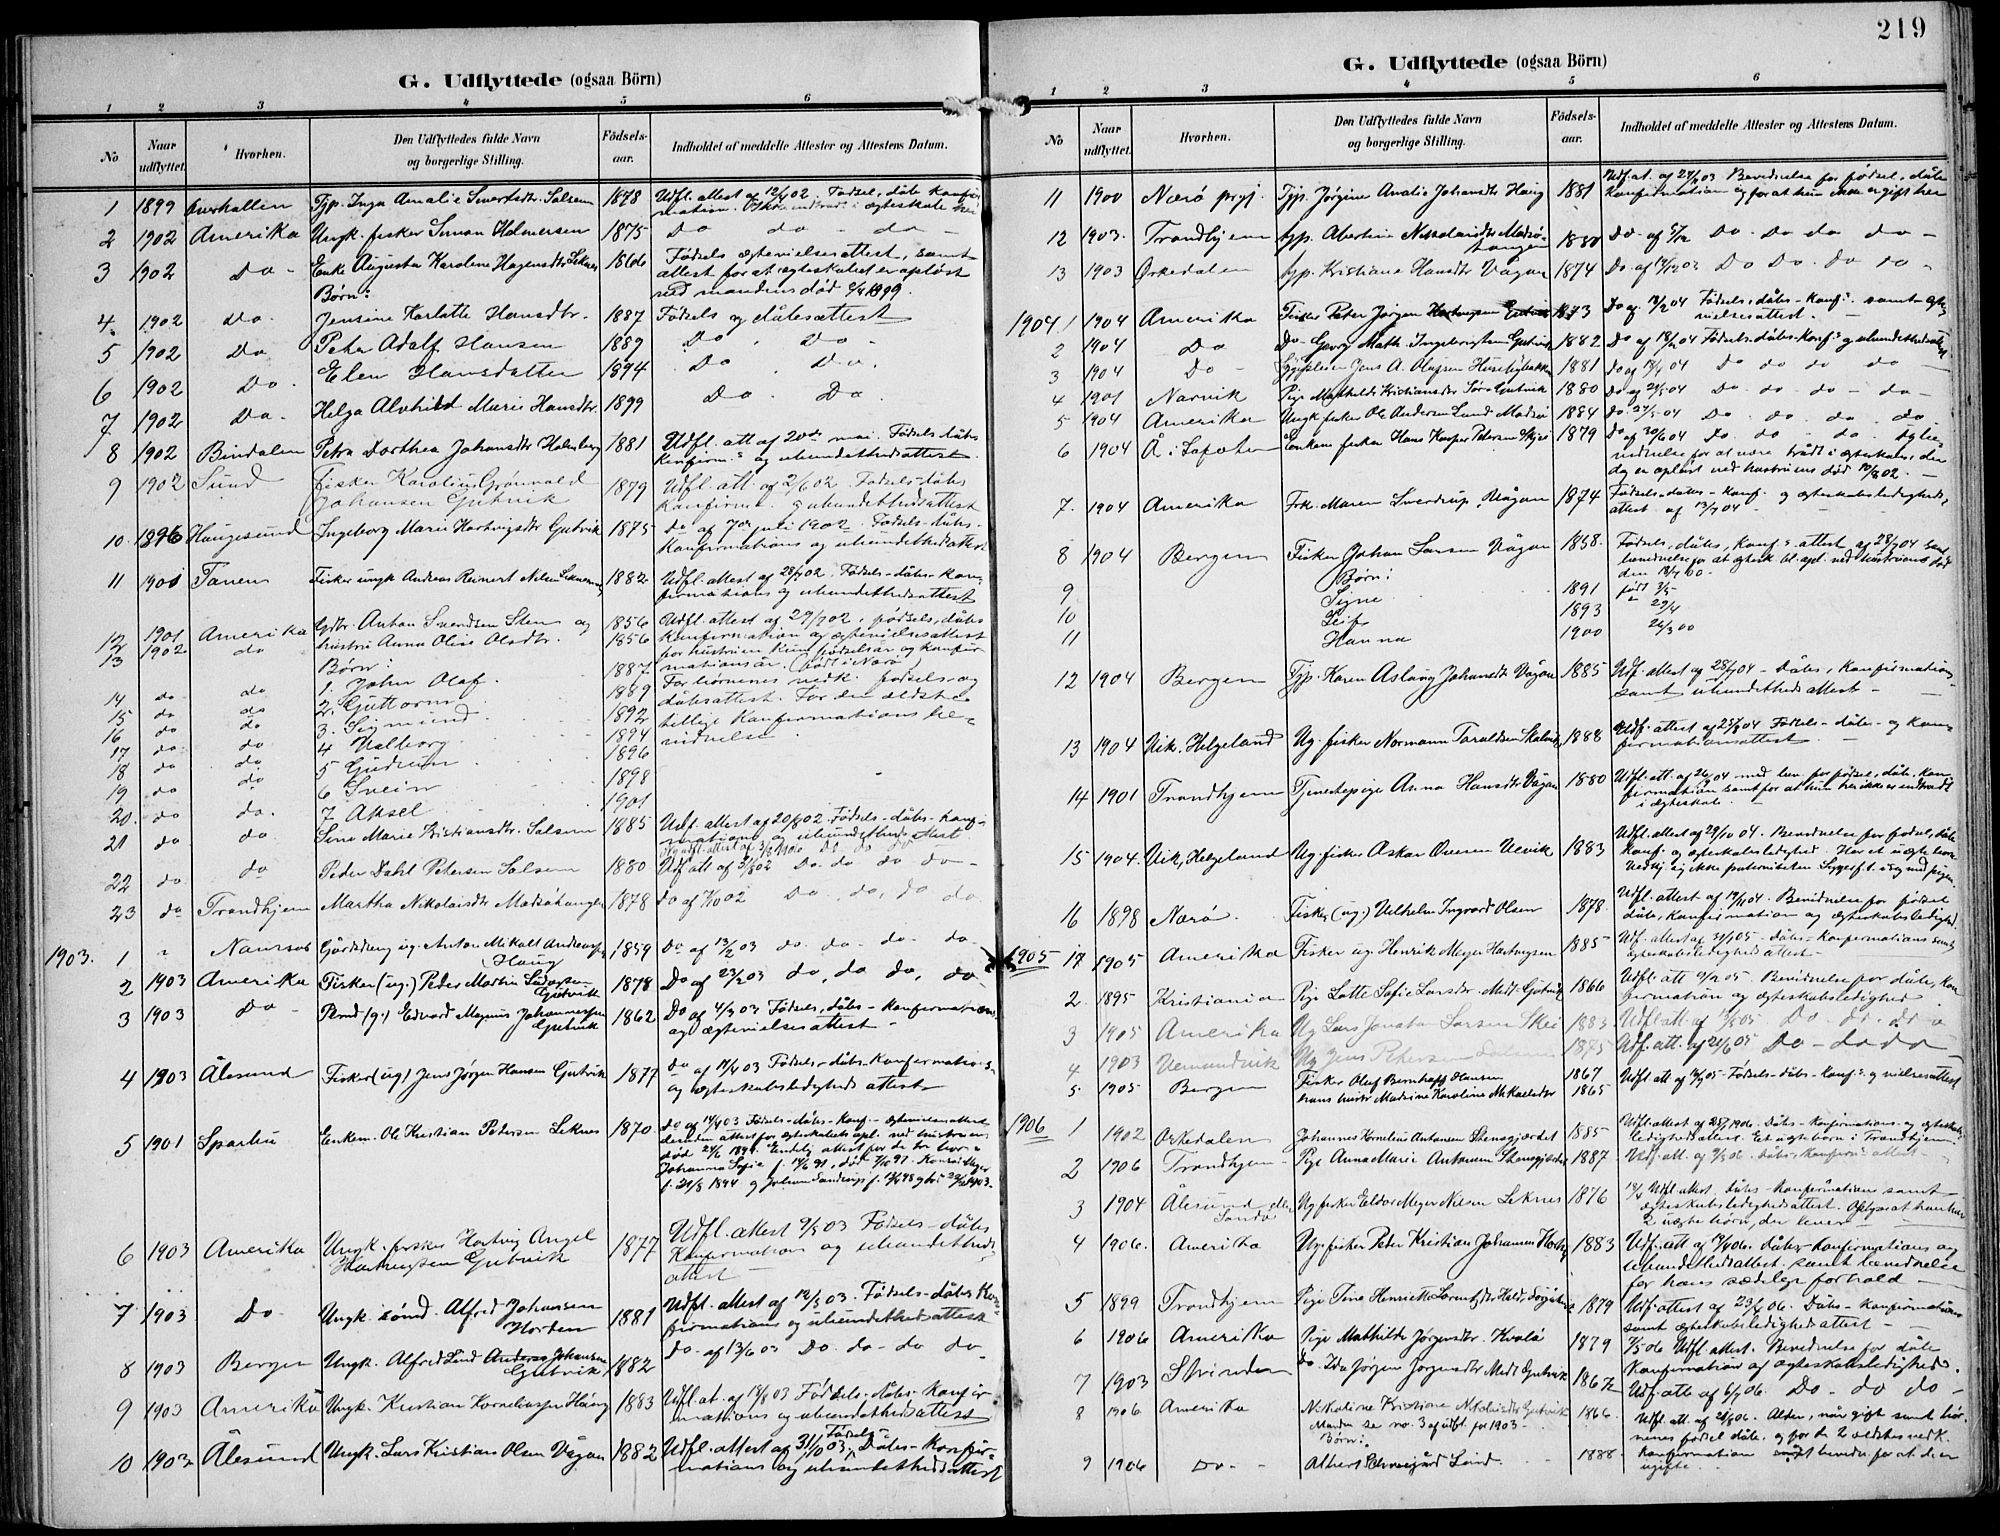 SAT, Ministerialprotokoller, klokkerbøker og fødselsregistre - Nord-Trøndelag, 788/L0698: Ministerialbok nr. 788A05, 1902-1921, s. 219